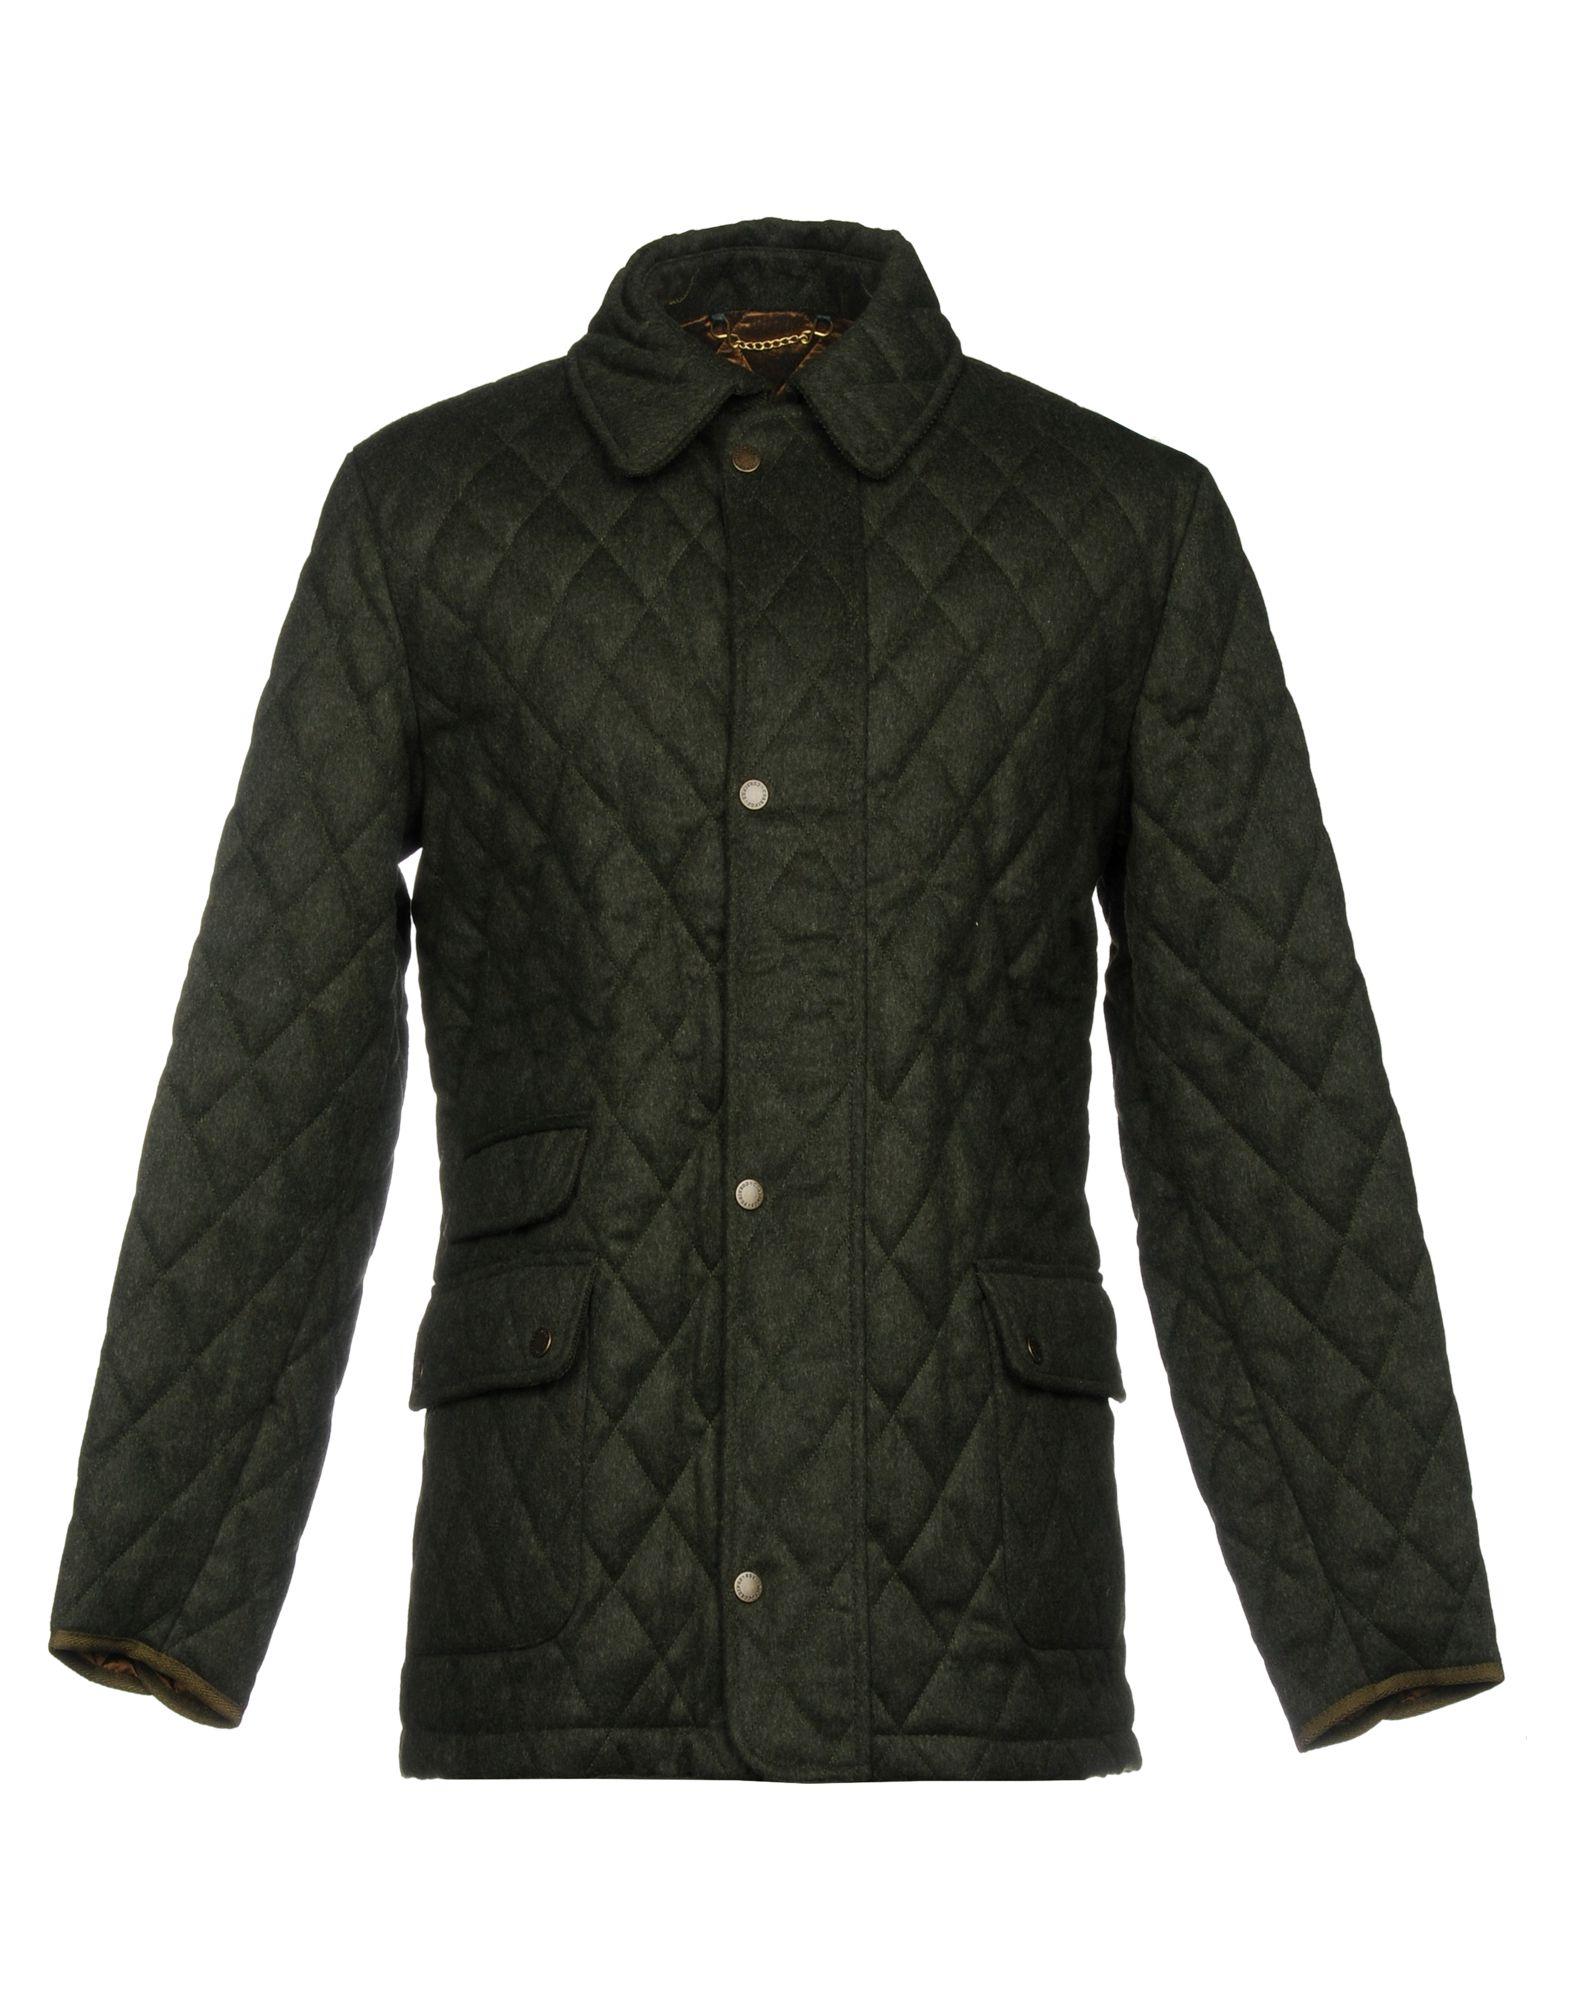 CORDINGS Jacket in Dark Green